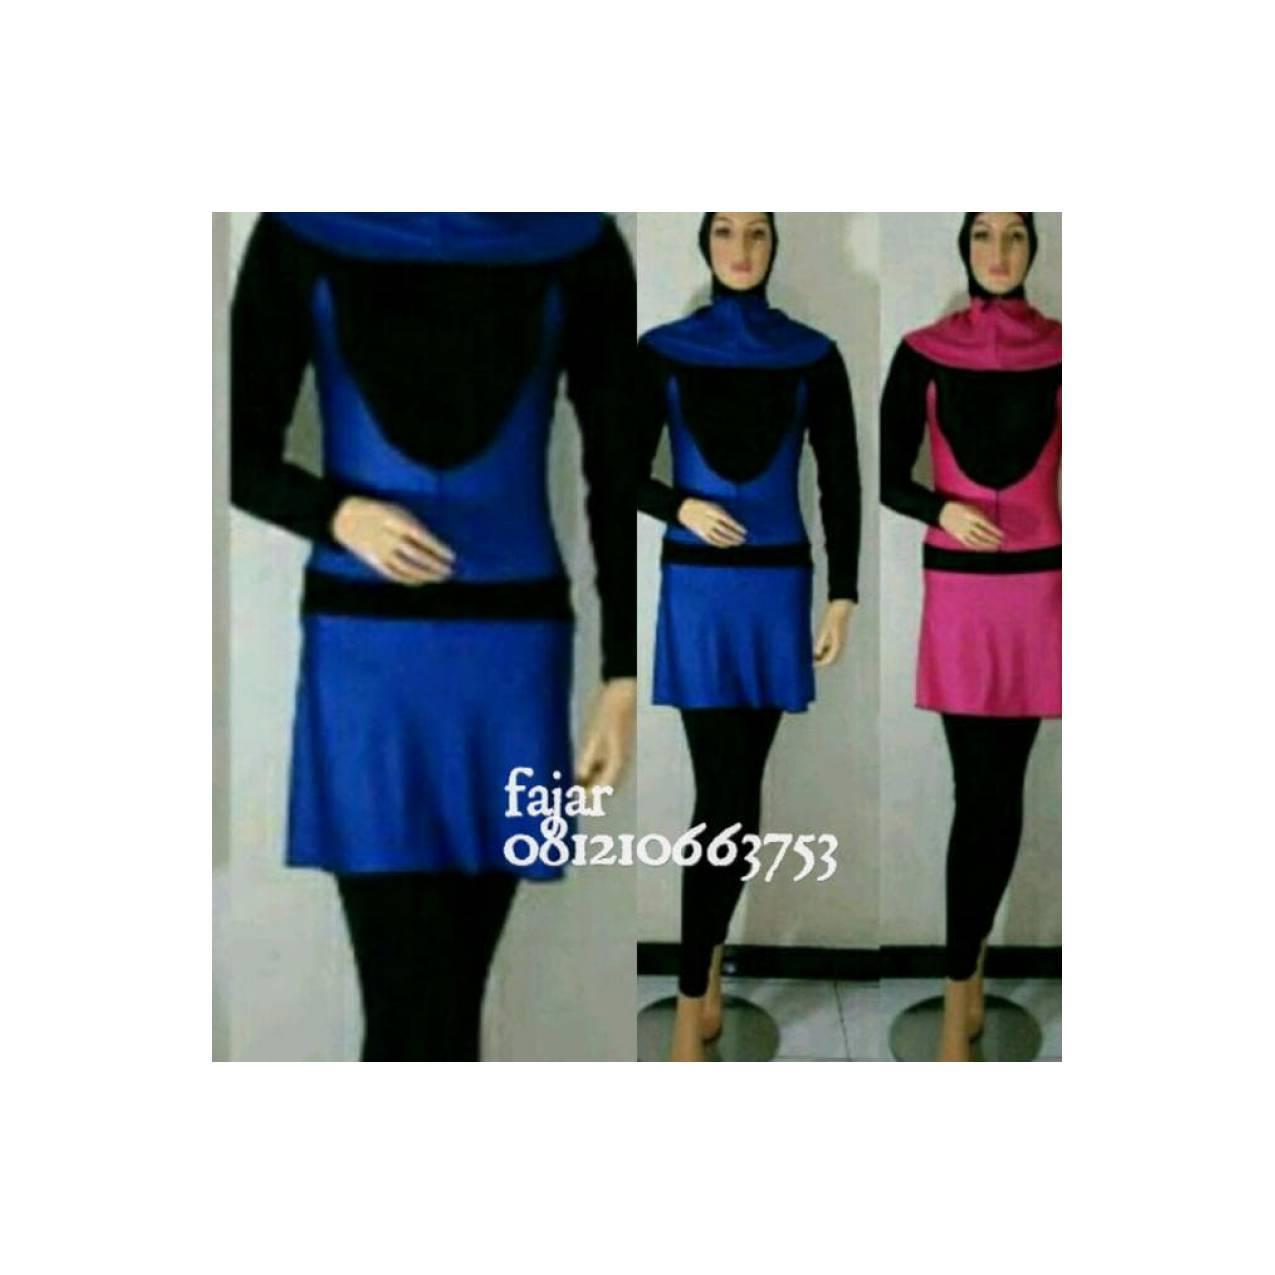 Sale! Baju Renang /Muslimah/Dewasa/Wanita/Remaja Diskon